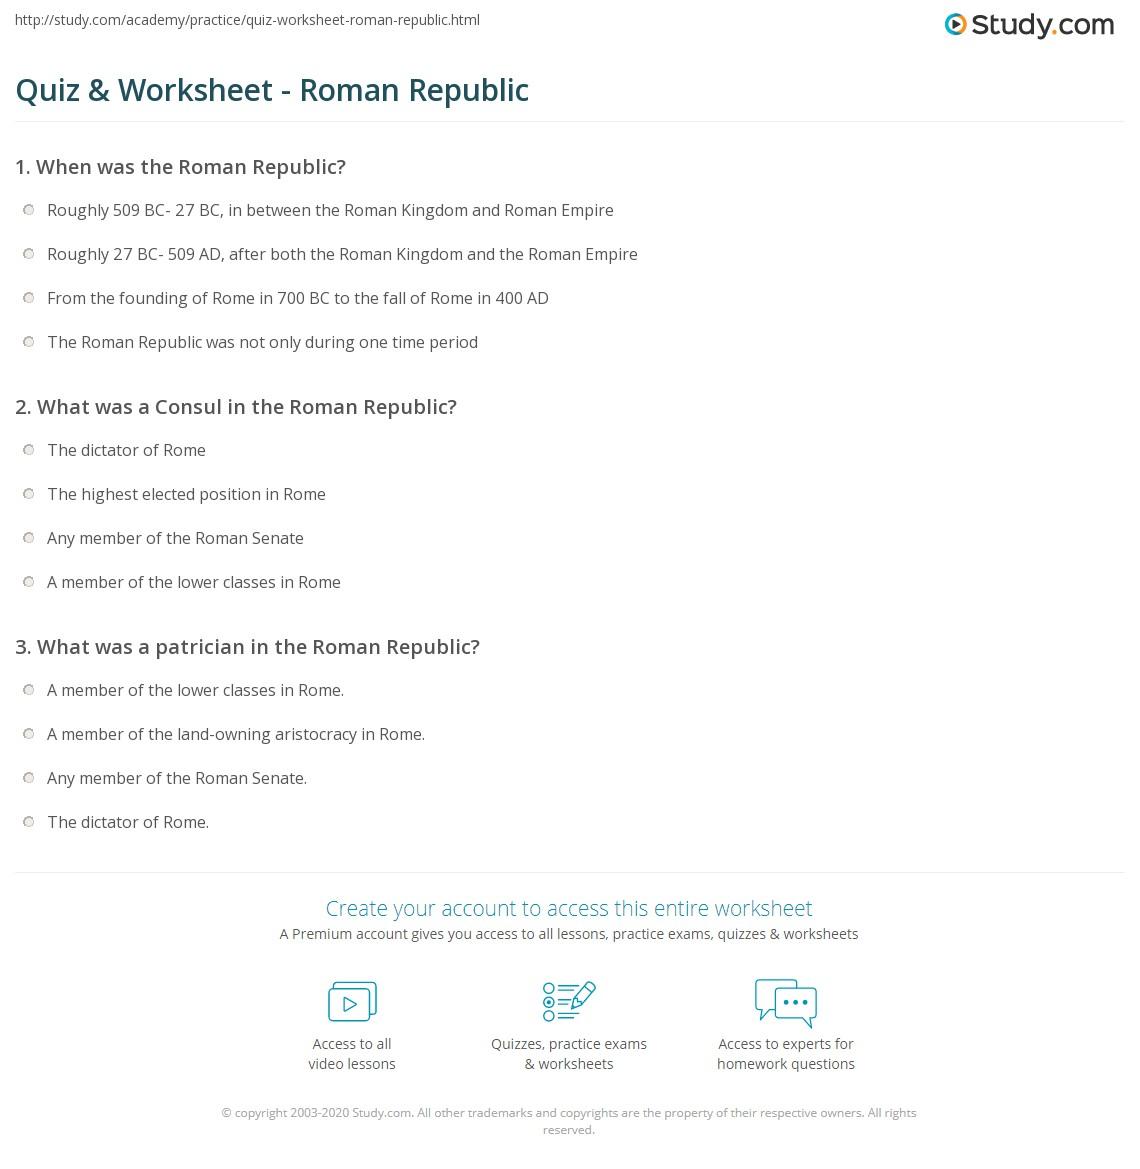 Quiz & Worksheet - Roman Republic | Study.com